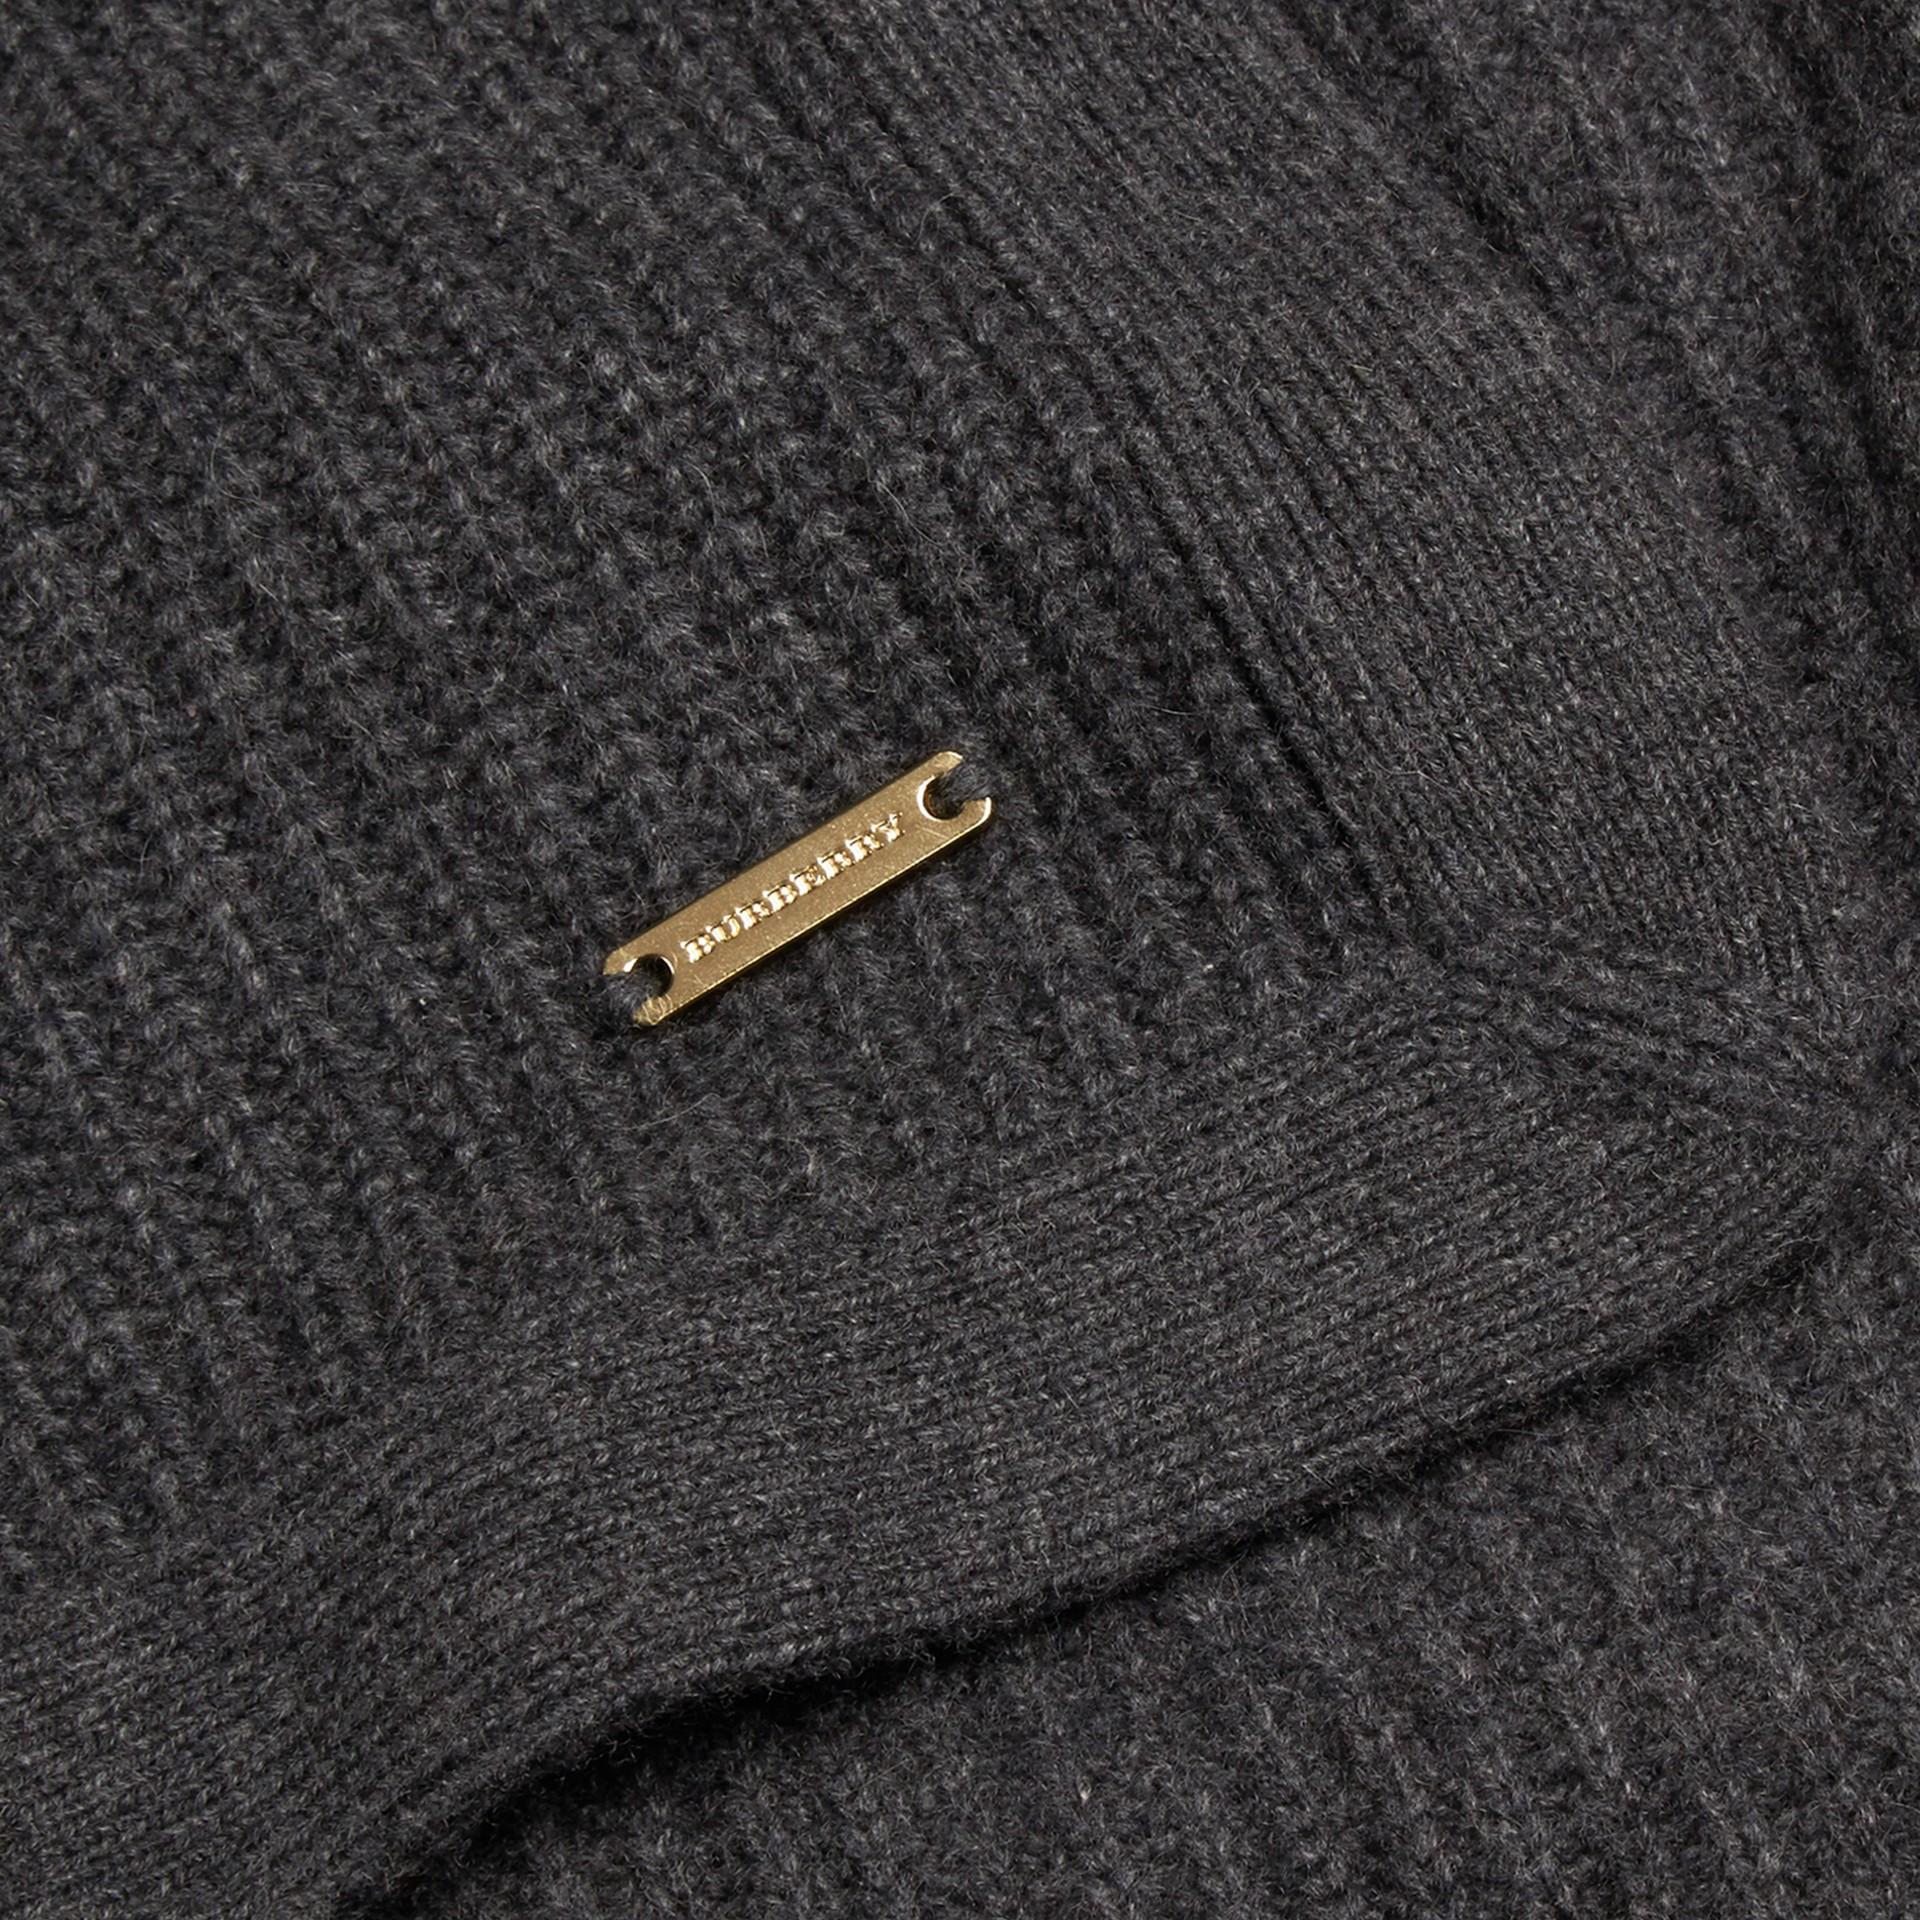 Grigio scuro mélange Coperta in cashmere con lavorazione a costine Grigio Scuro Mélange - immagine della galleria 2